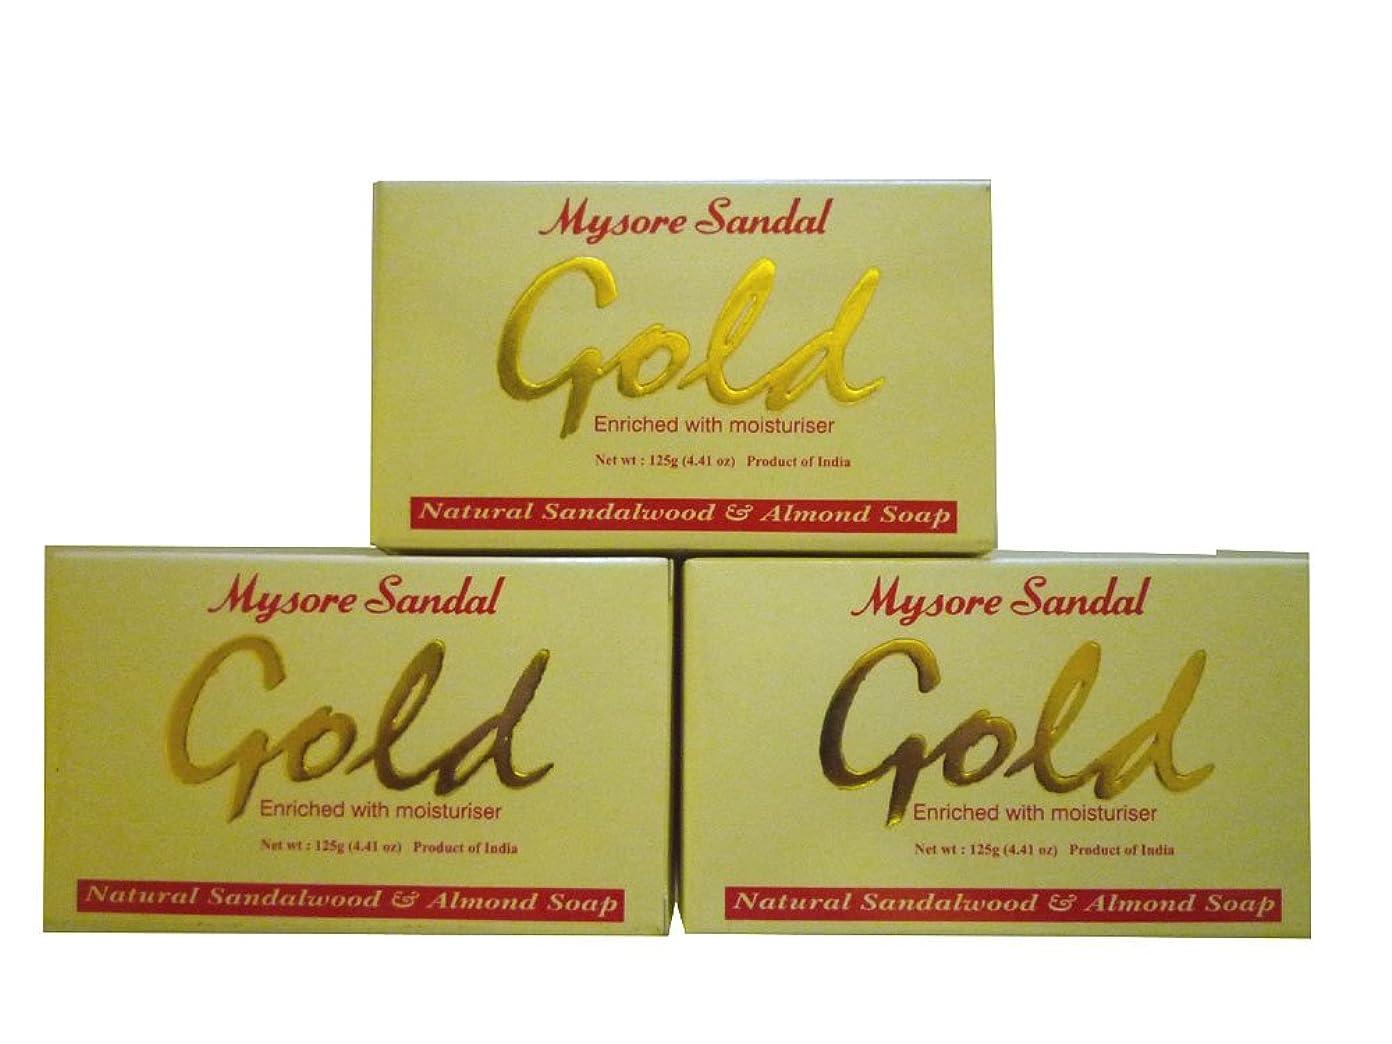 フロントタブレット気づかない高純度白檀油配合 マイソール サンダルゴールドソープ 3個セット